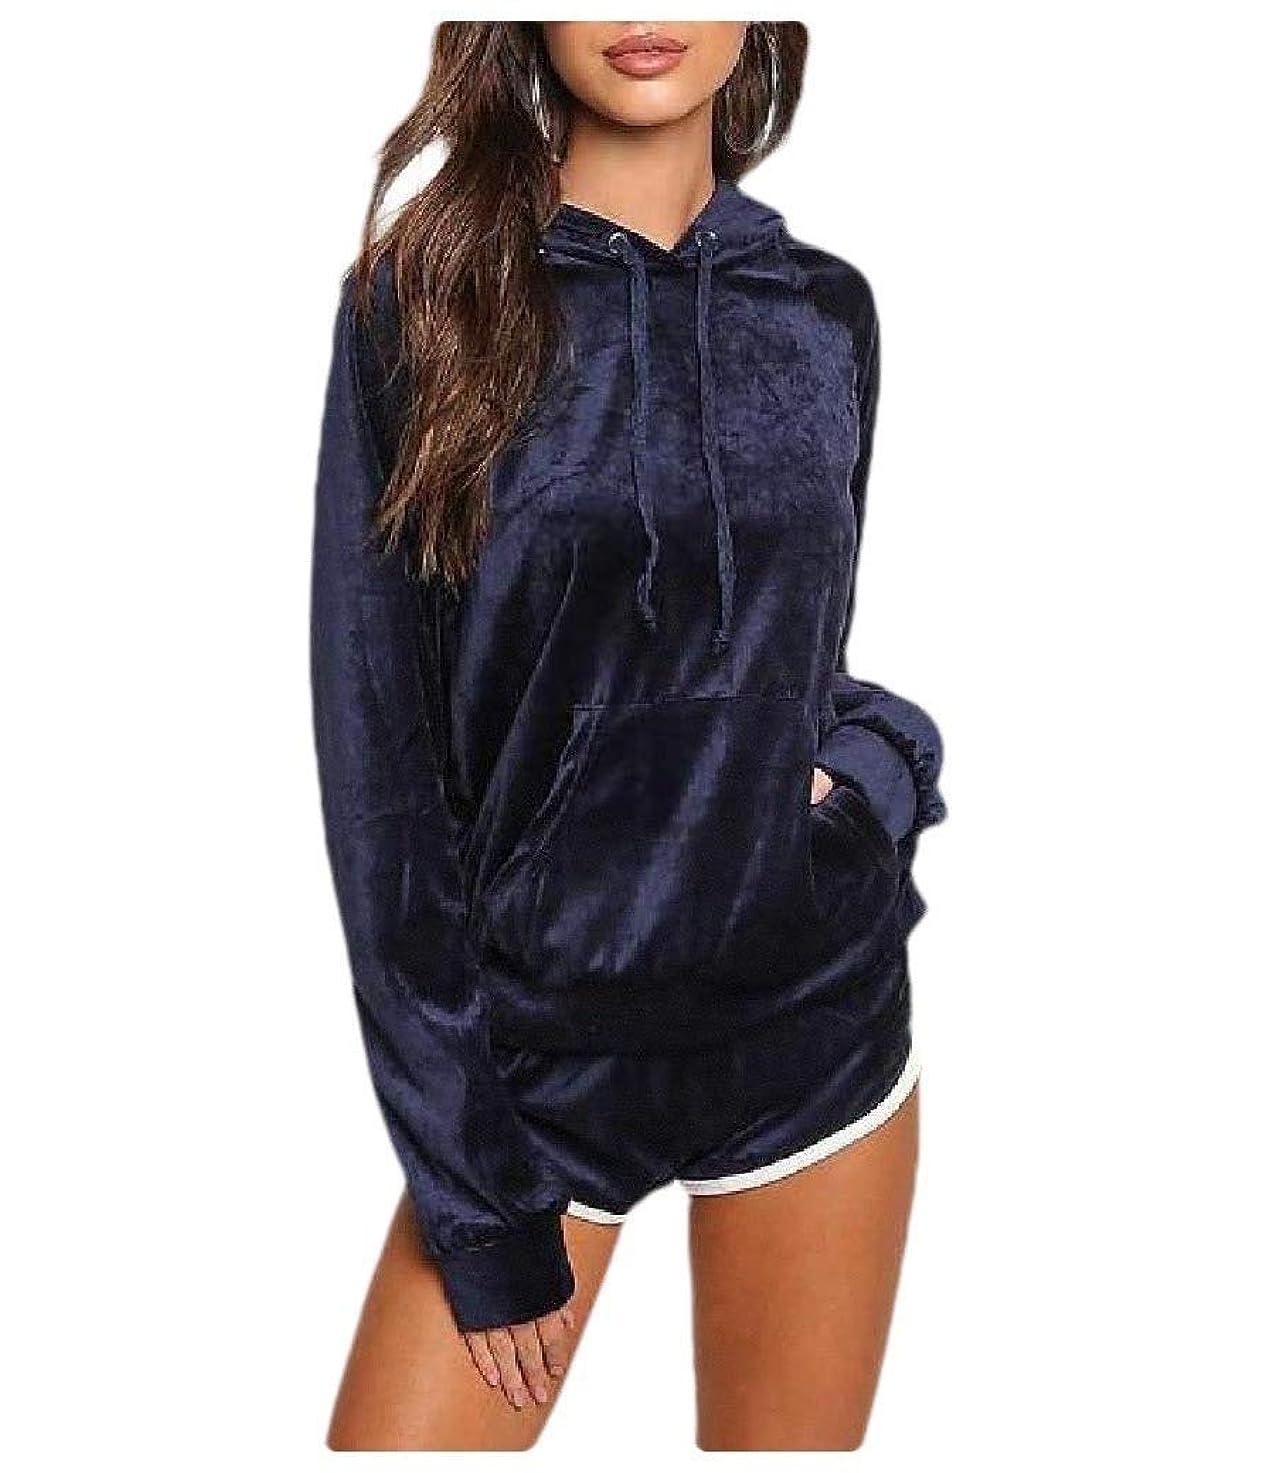 補充海上見物人Romancly Womens Casual Hooded Solid Colored Pocketed Sweatshirts Coat Pants